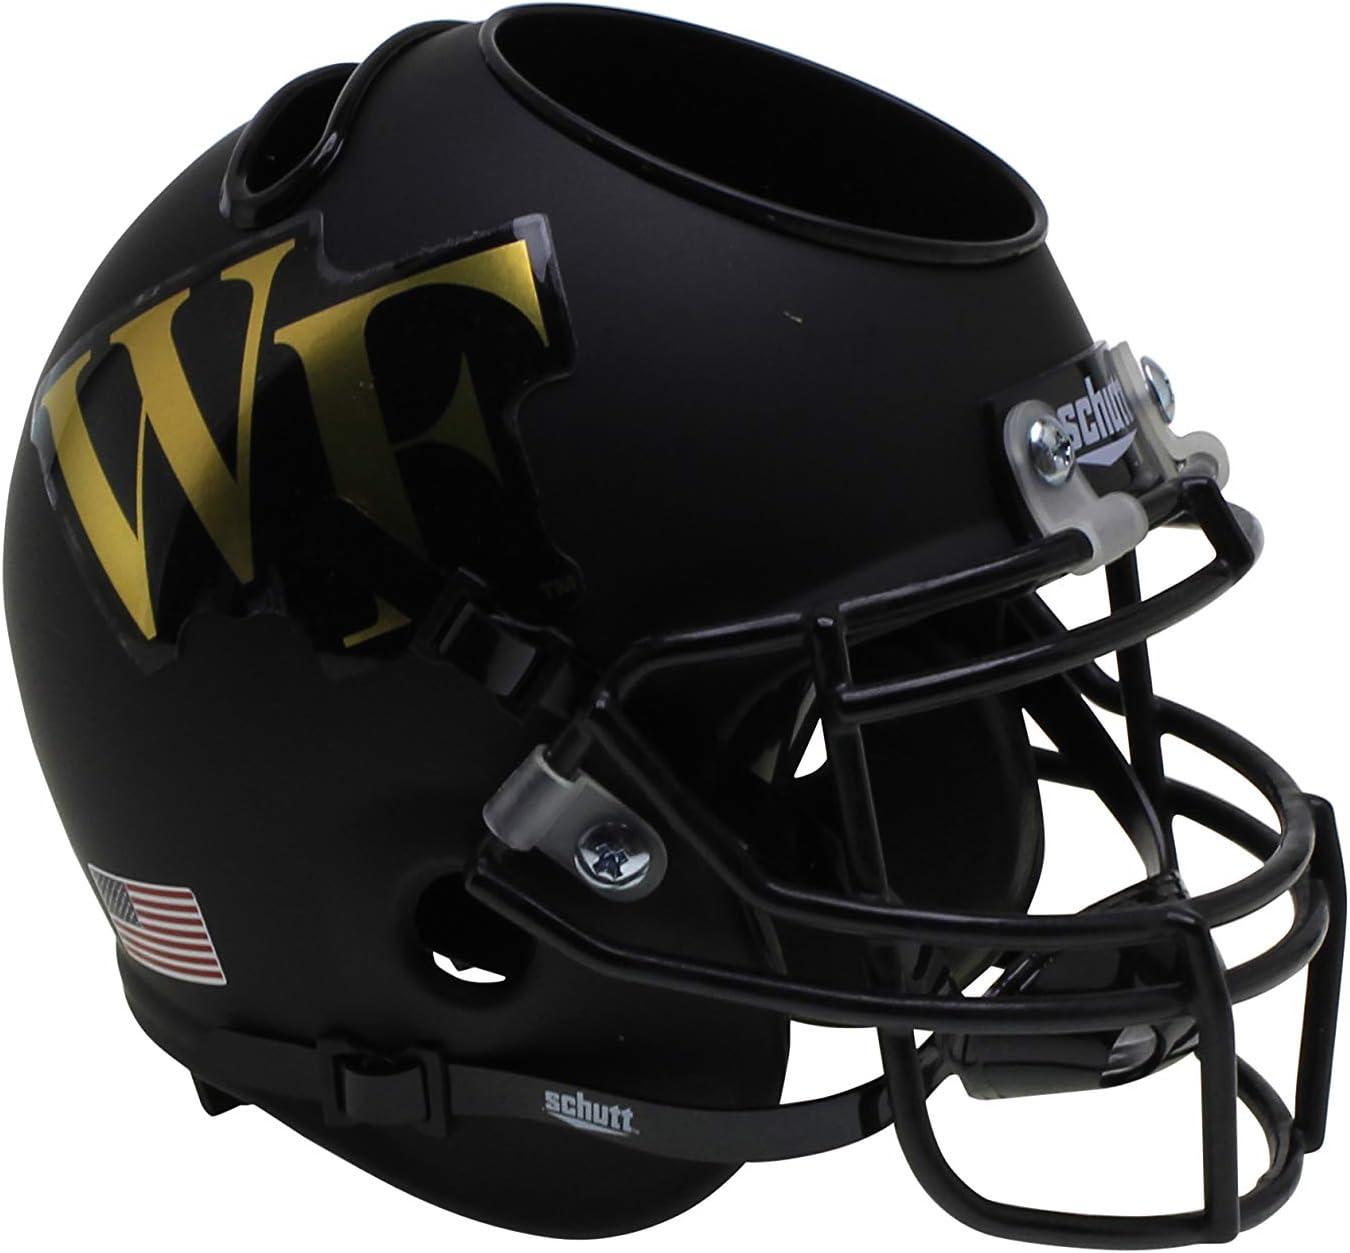 Schutt NCAA Wake Forest Demon Deacons Football Helmet Desk Caddy